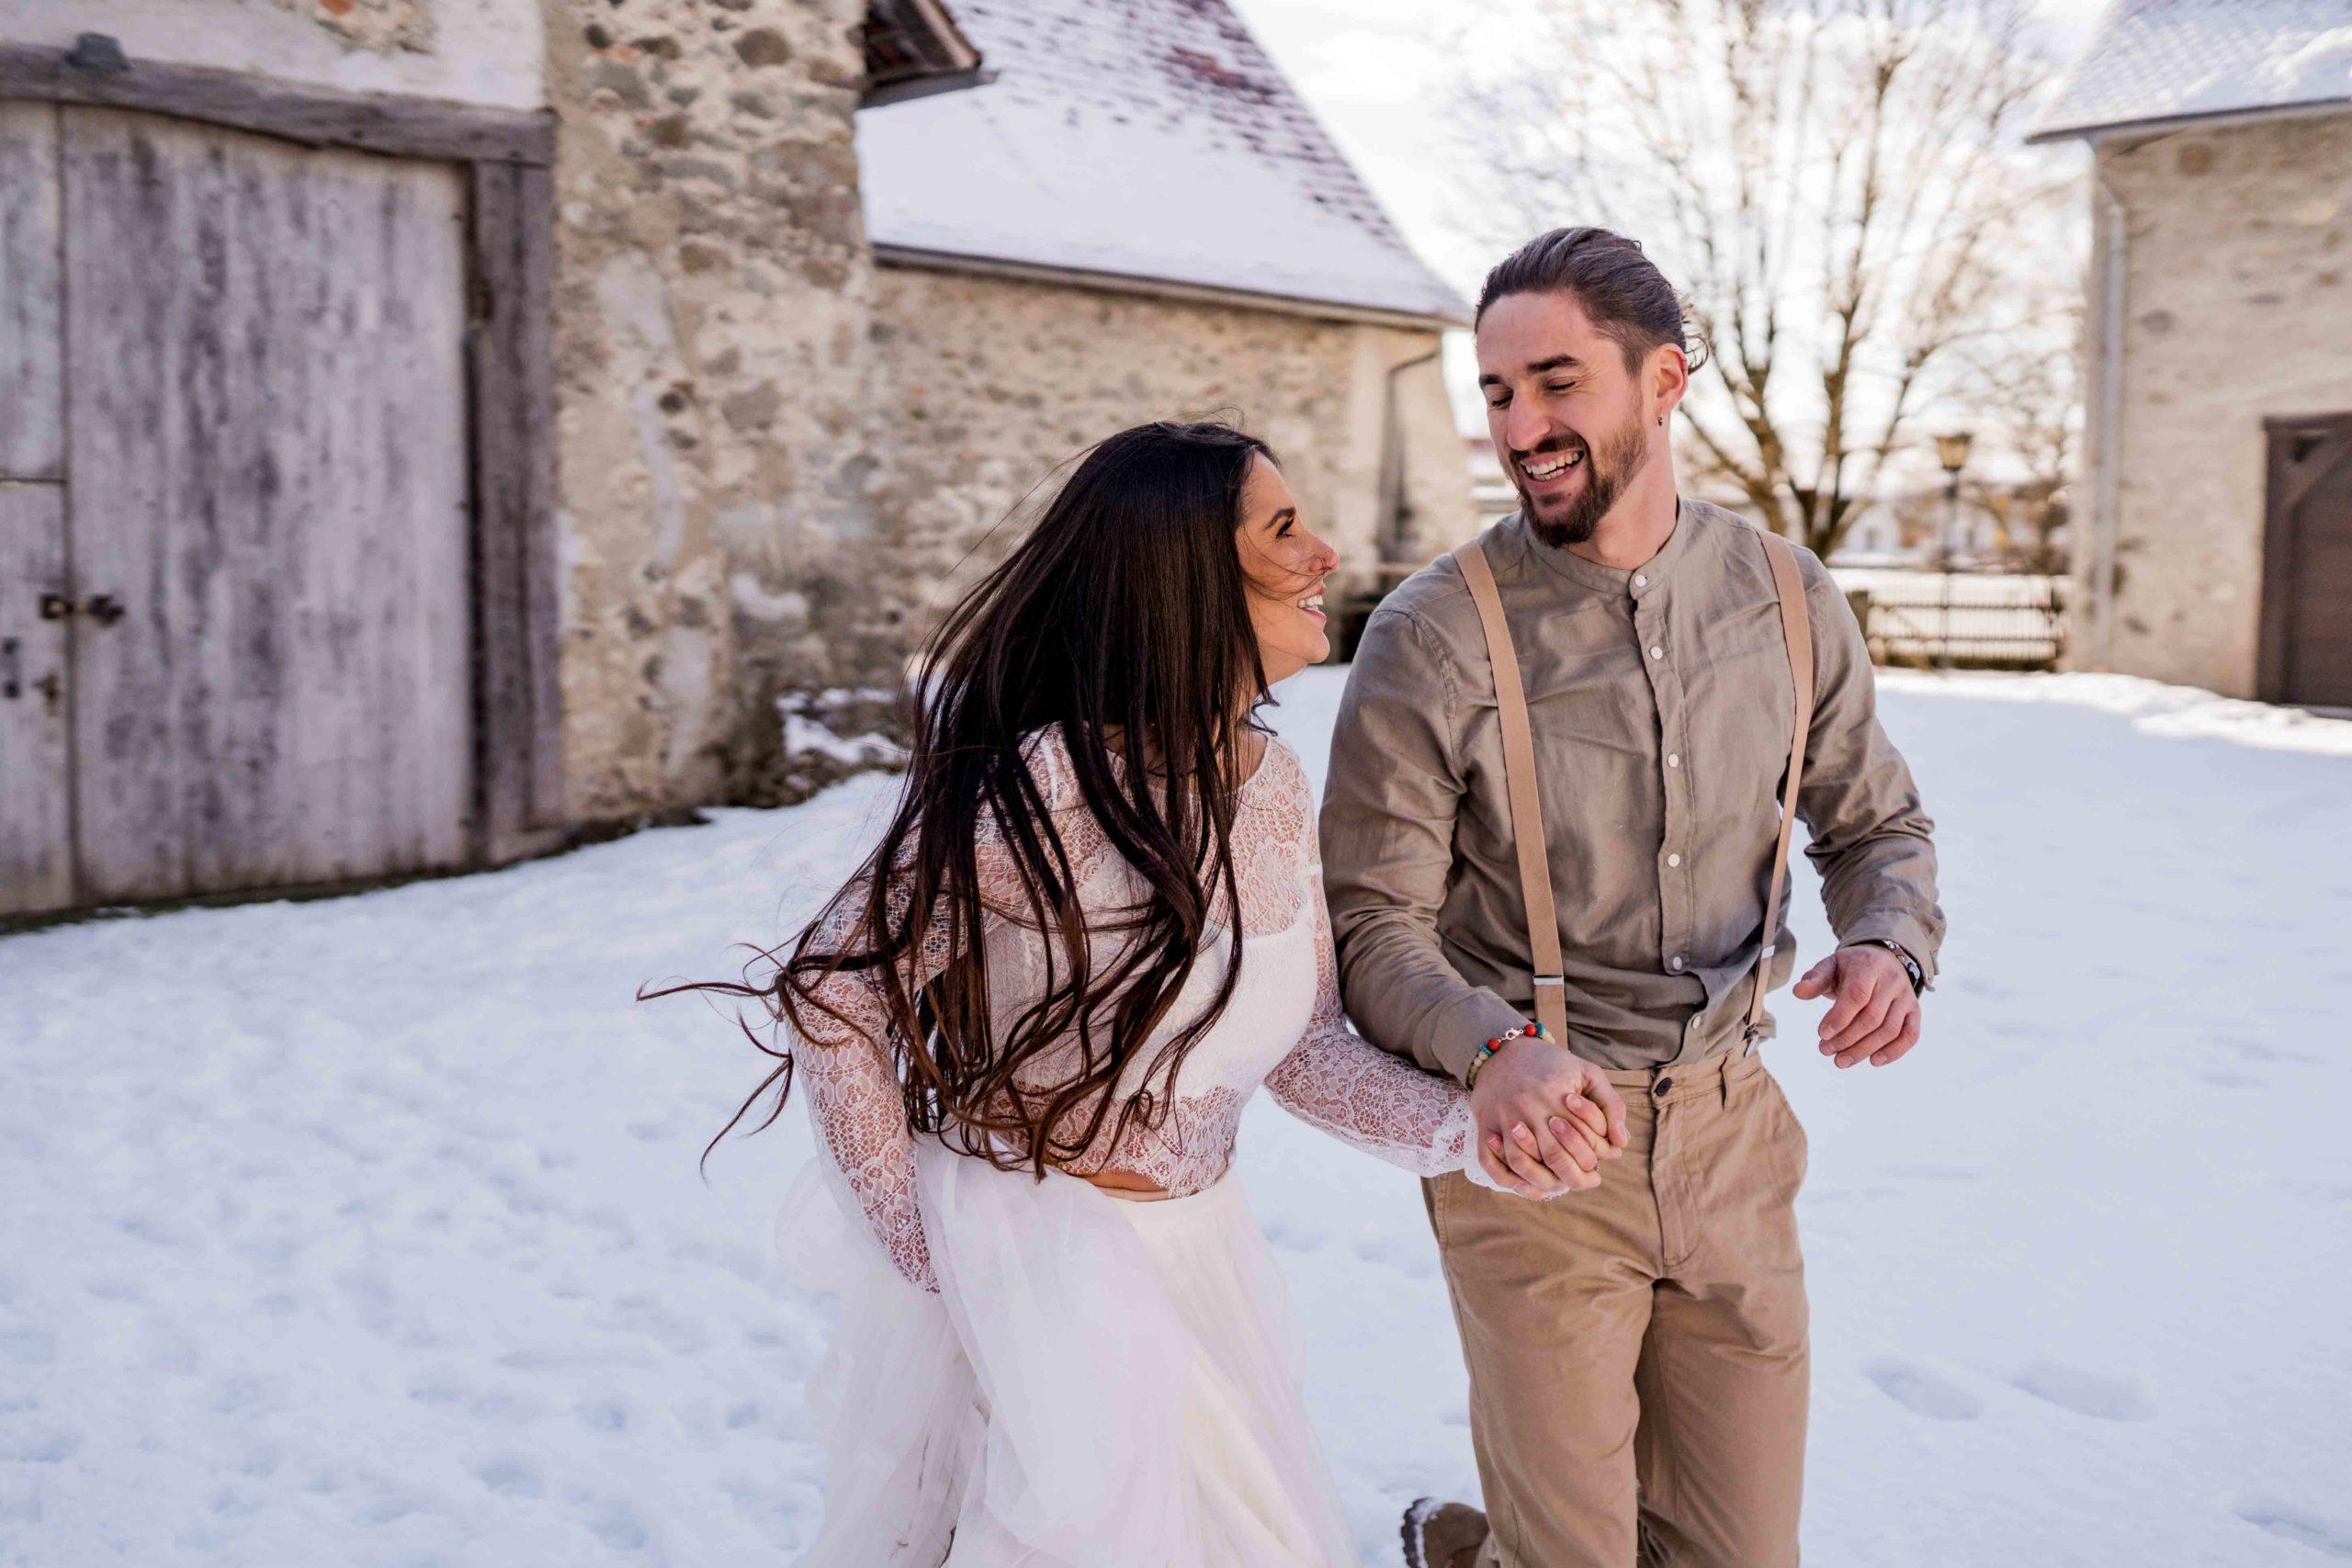 noni Brautmode, Styled Shoot, Brautpaar händchenhaltend und lachend im Schnee